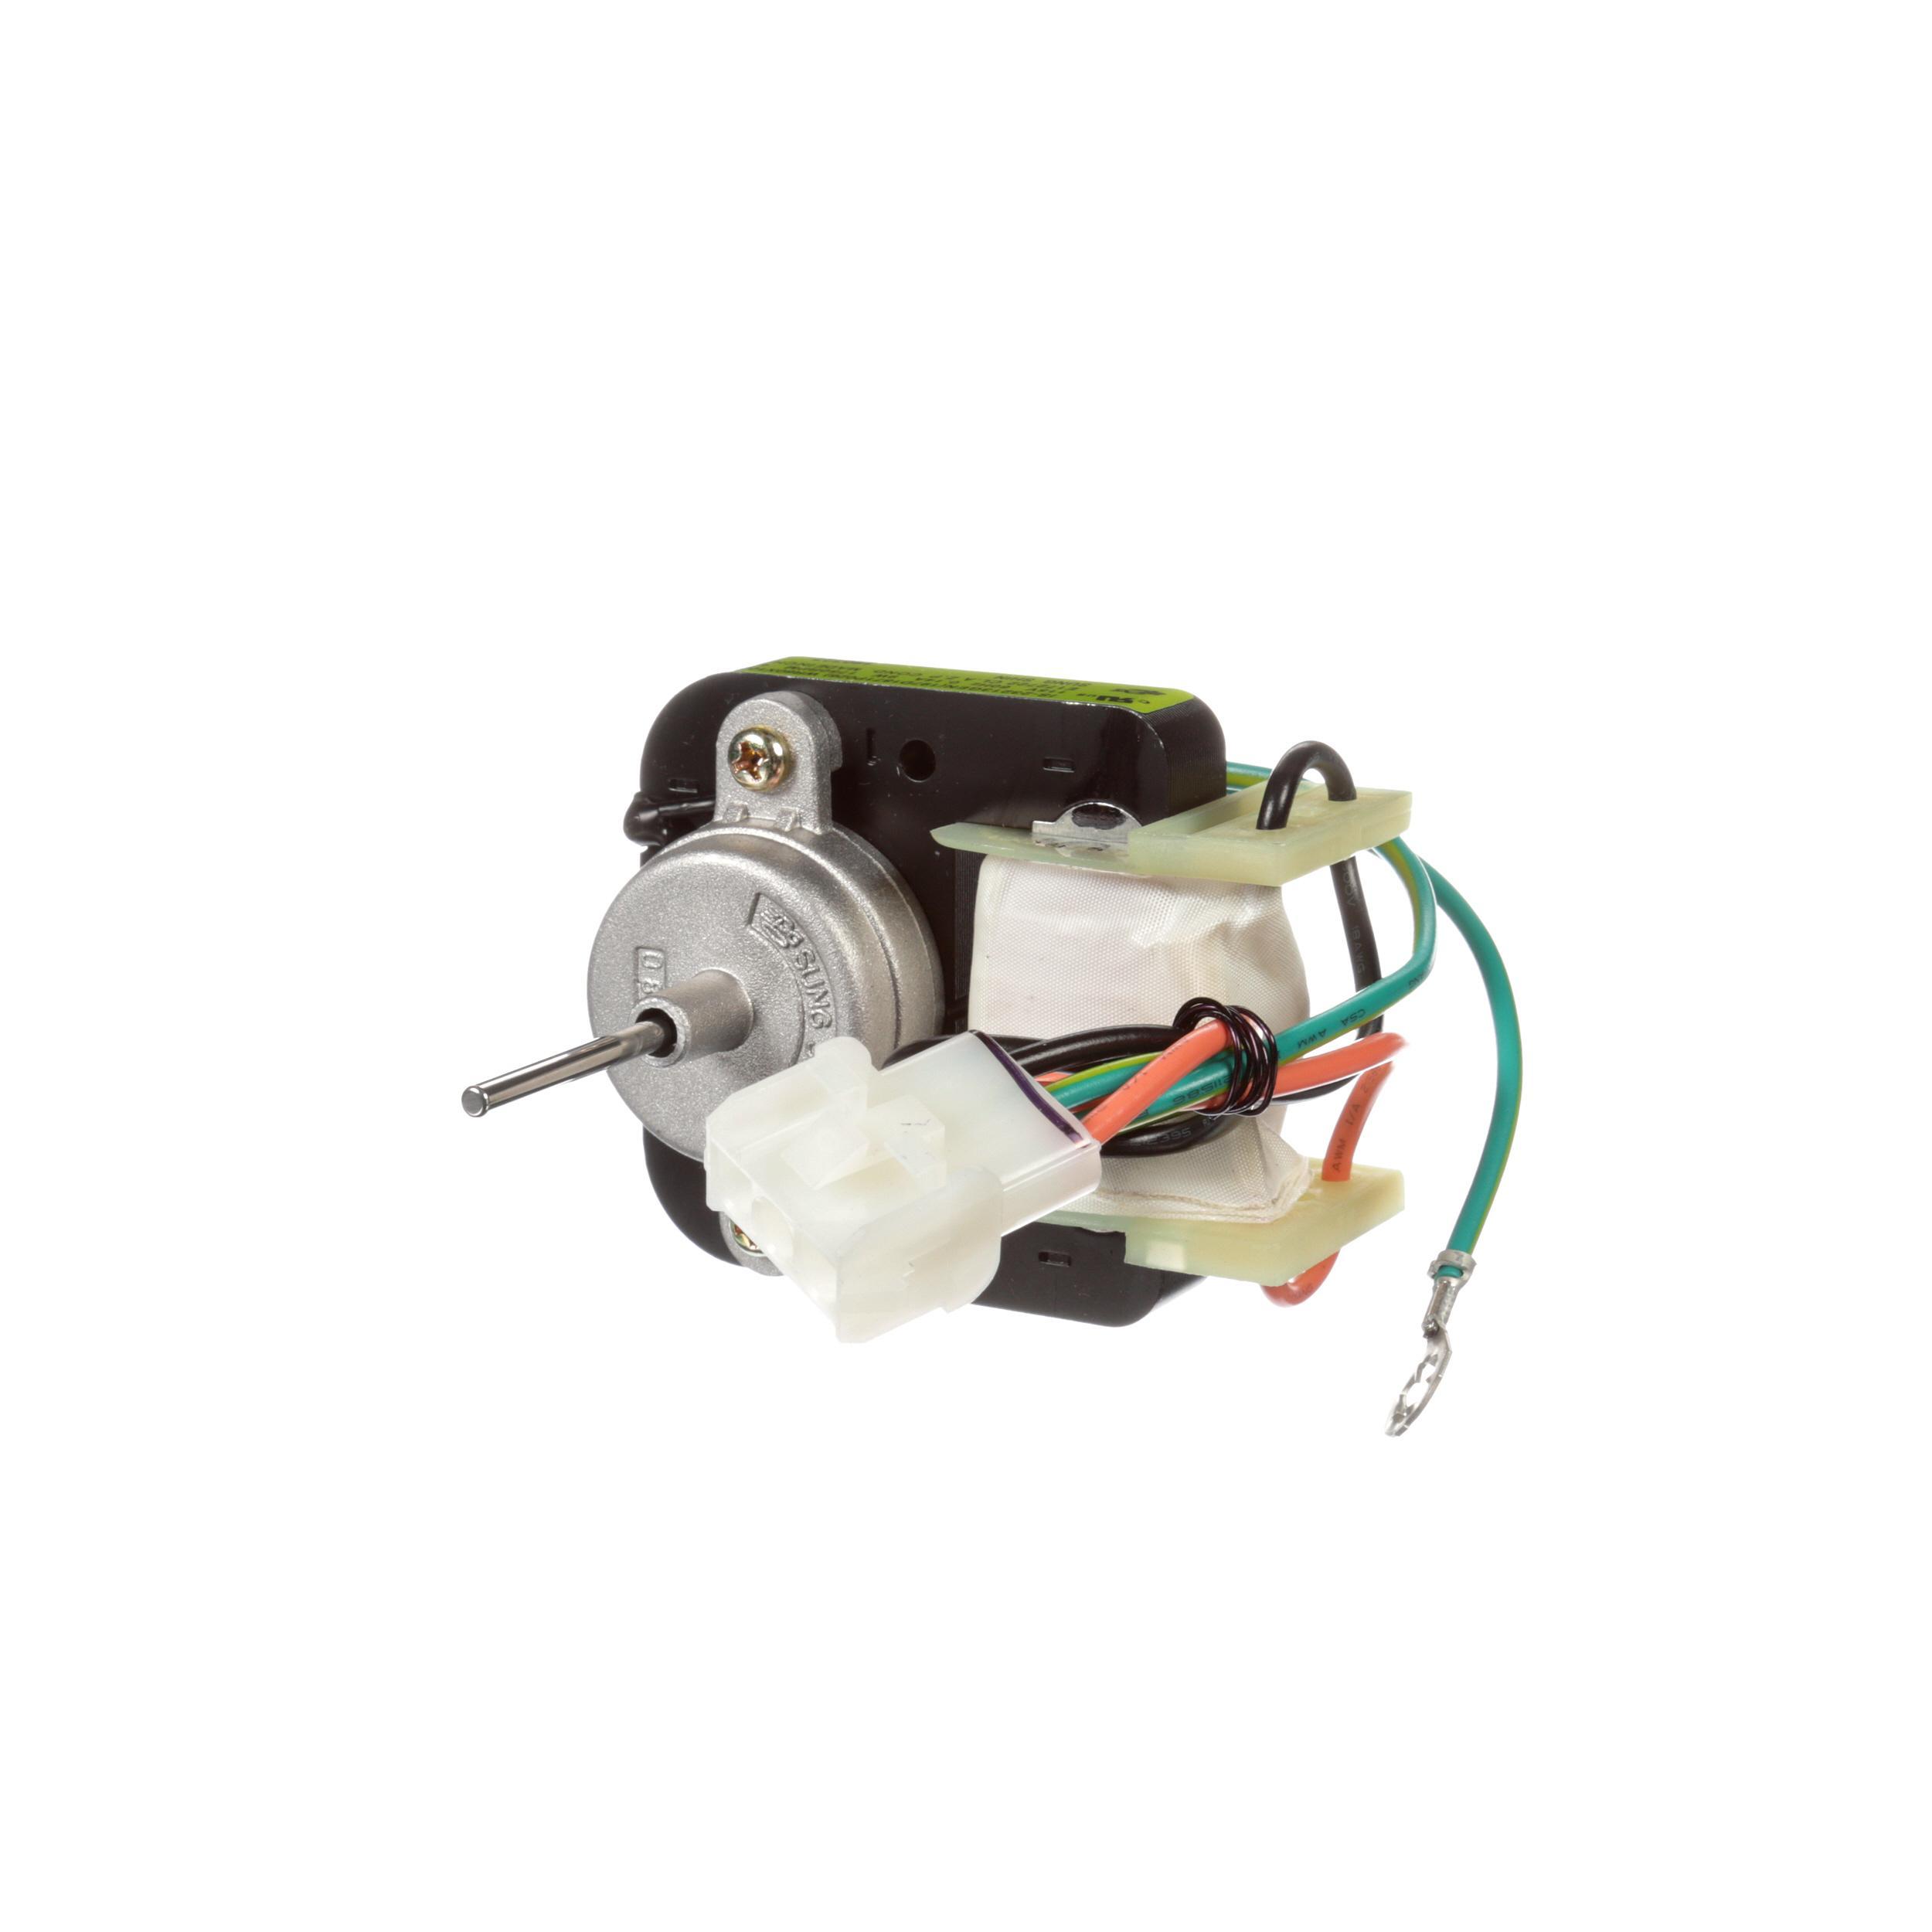 Ge cond fan motor part wr60x10220 for General electric fan motor